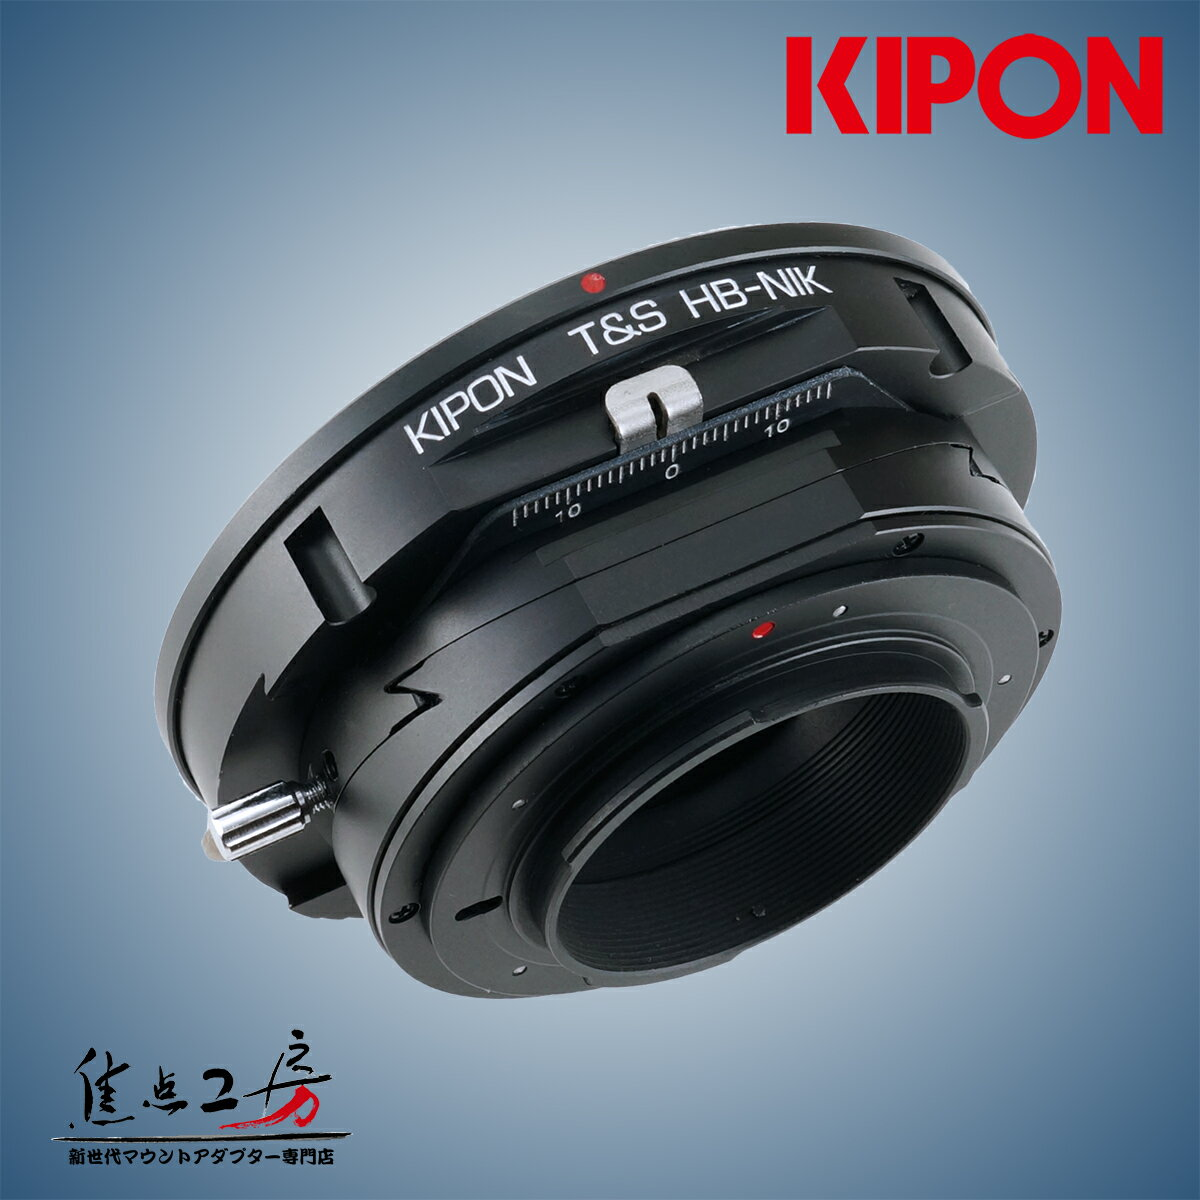 マウントアダプター KIPON T&S HB-NIK ハッセルブラッドVレンズ - ニコンFマウントカメラ アオリ(ティルト&シフト)機構搭載